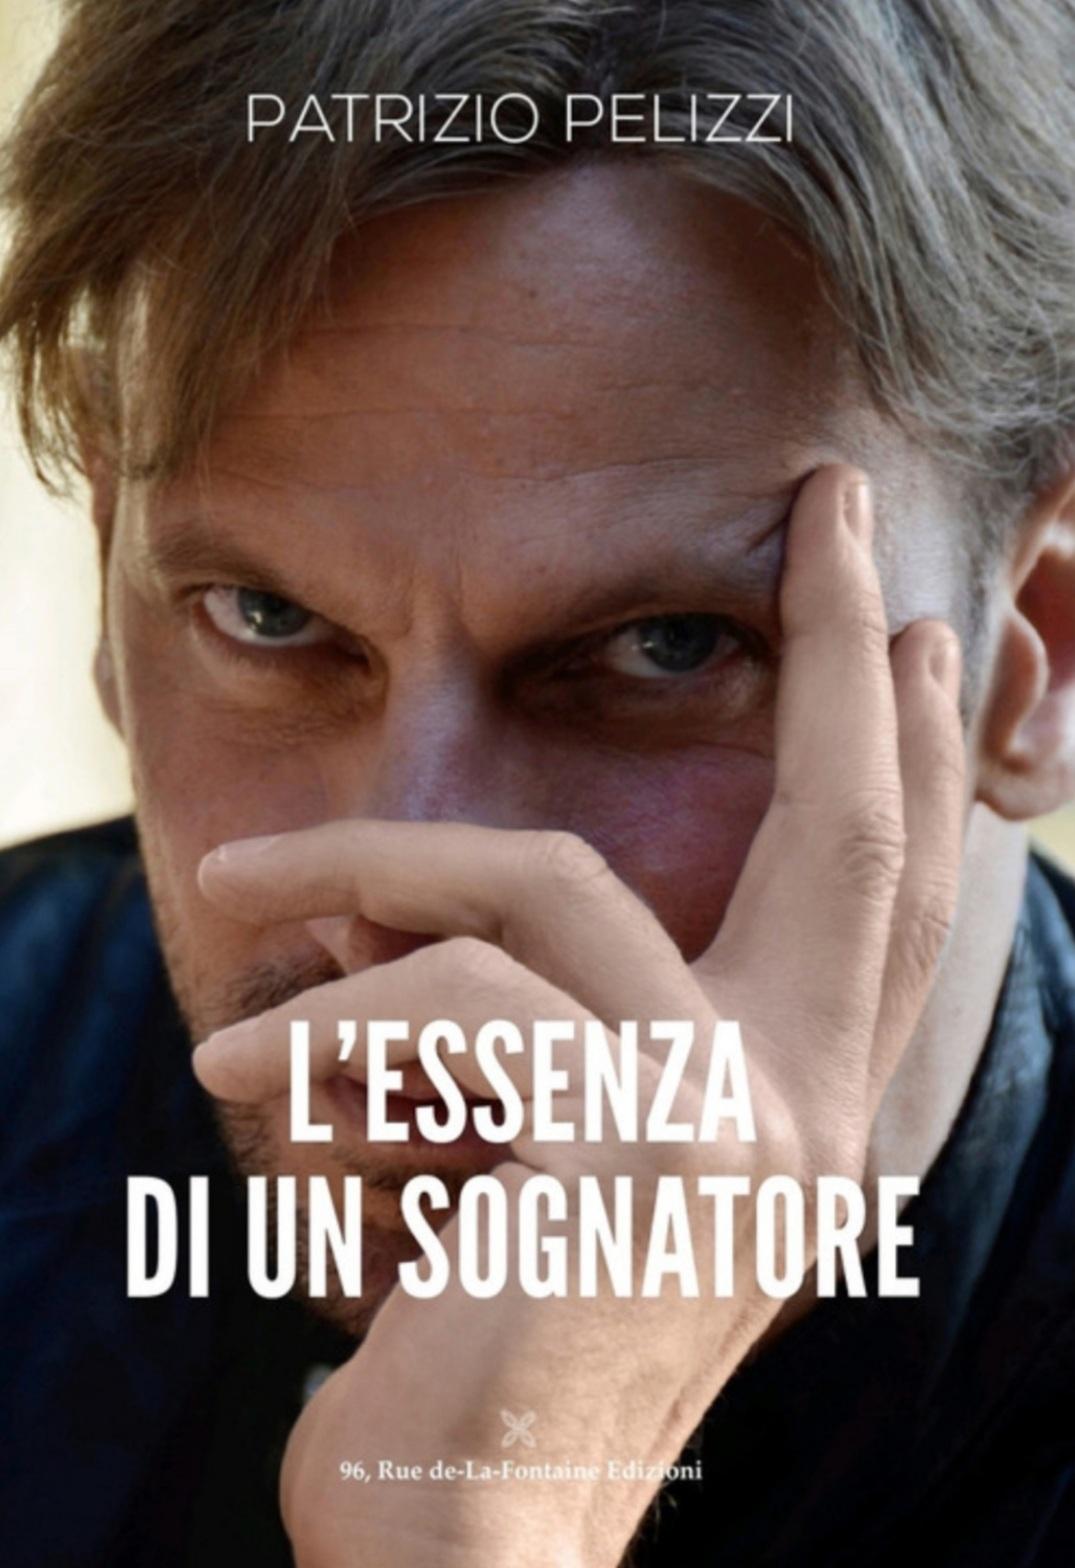 Patrizio Pelizzi presenta L'essenza di un sognatore